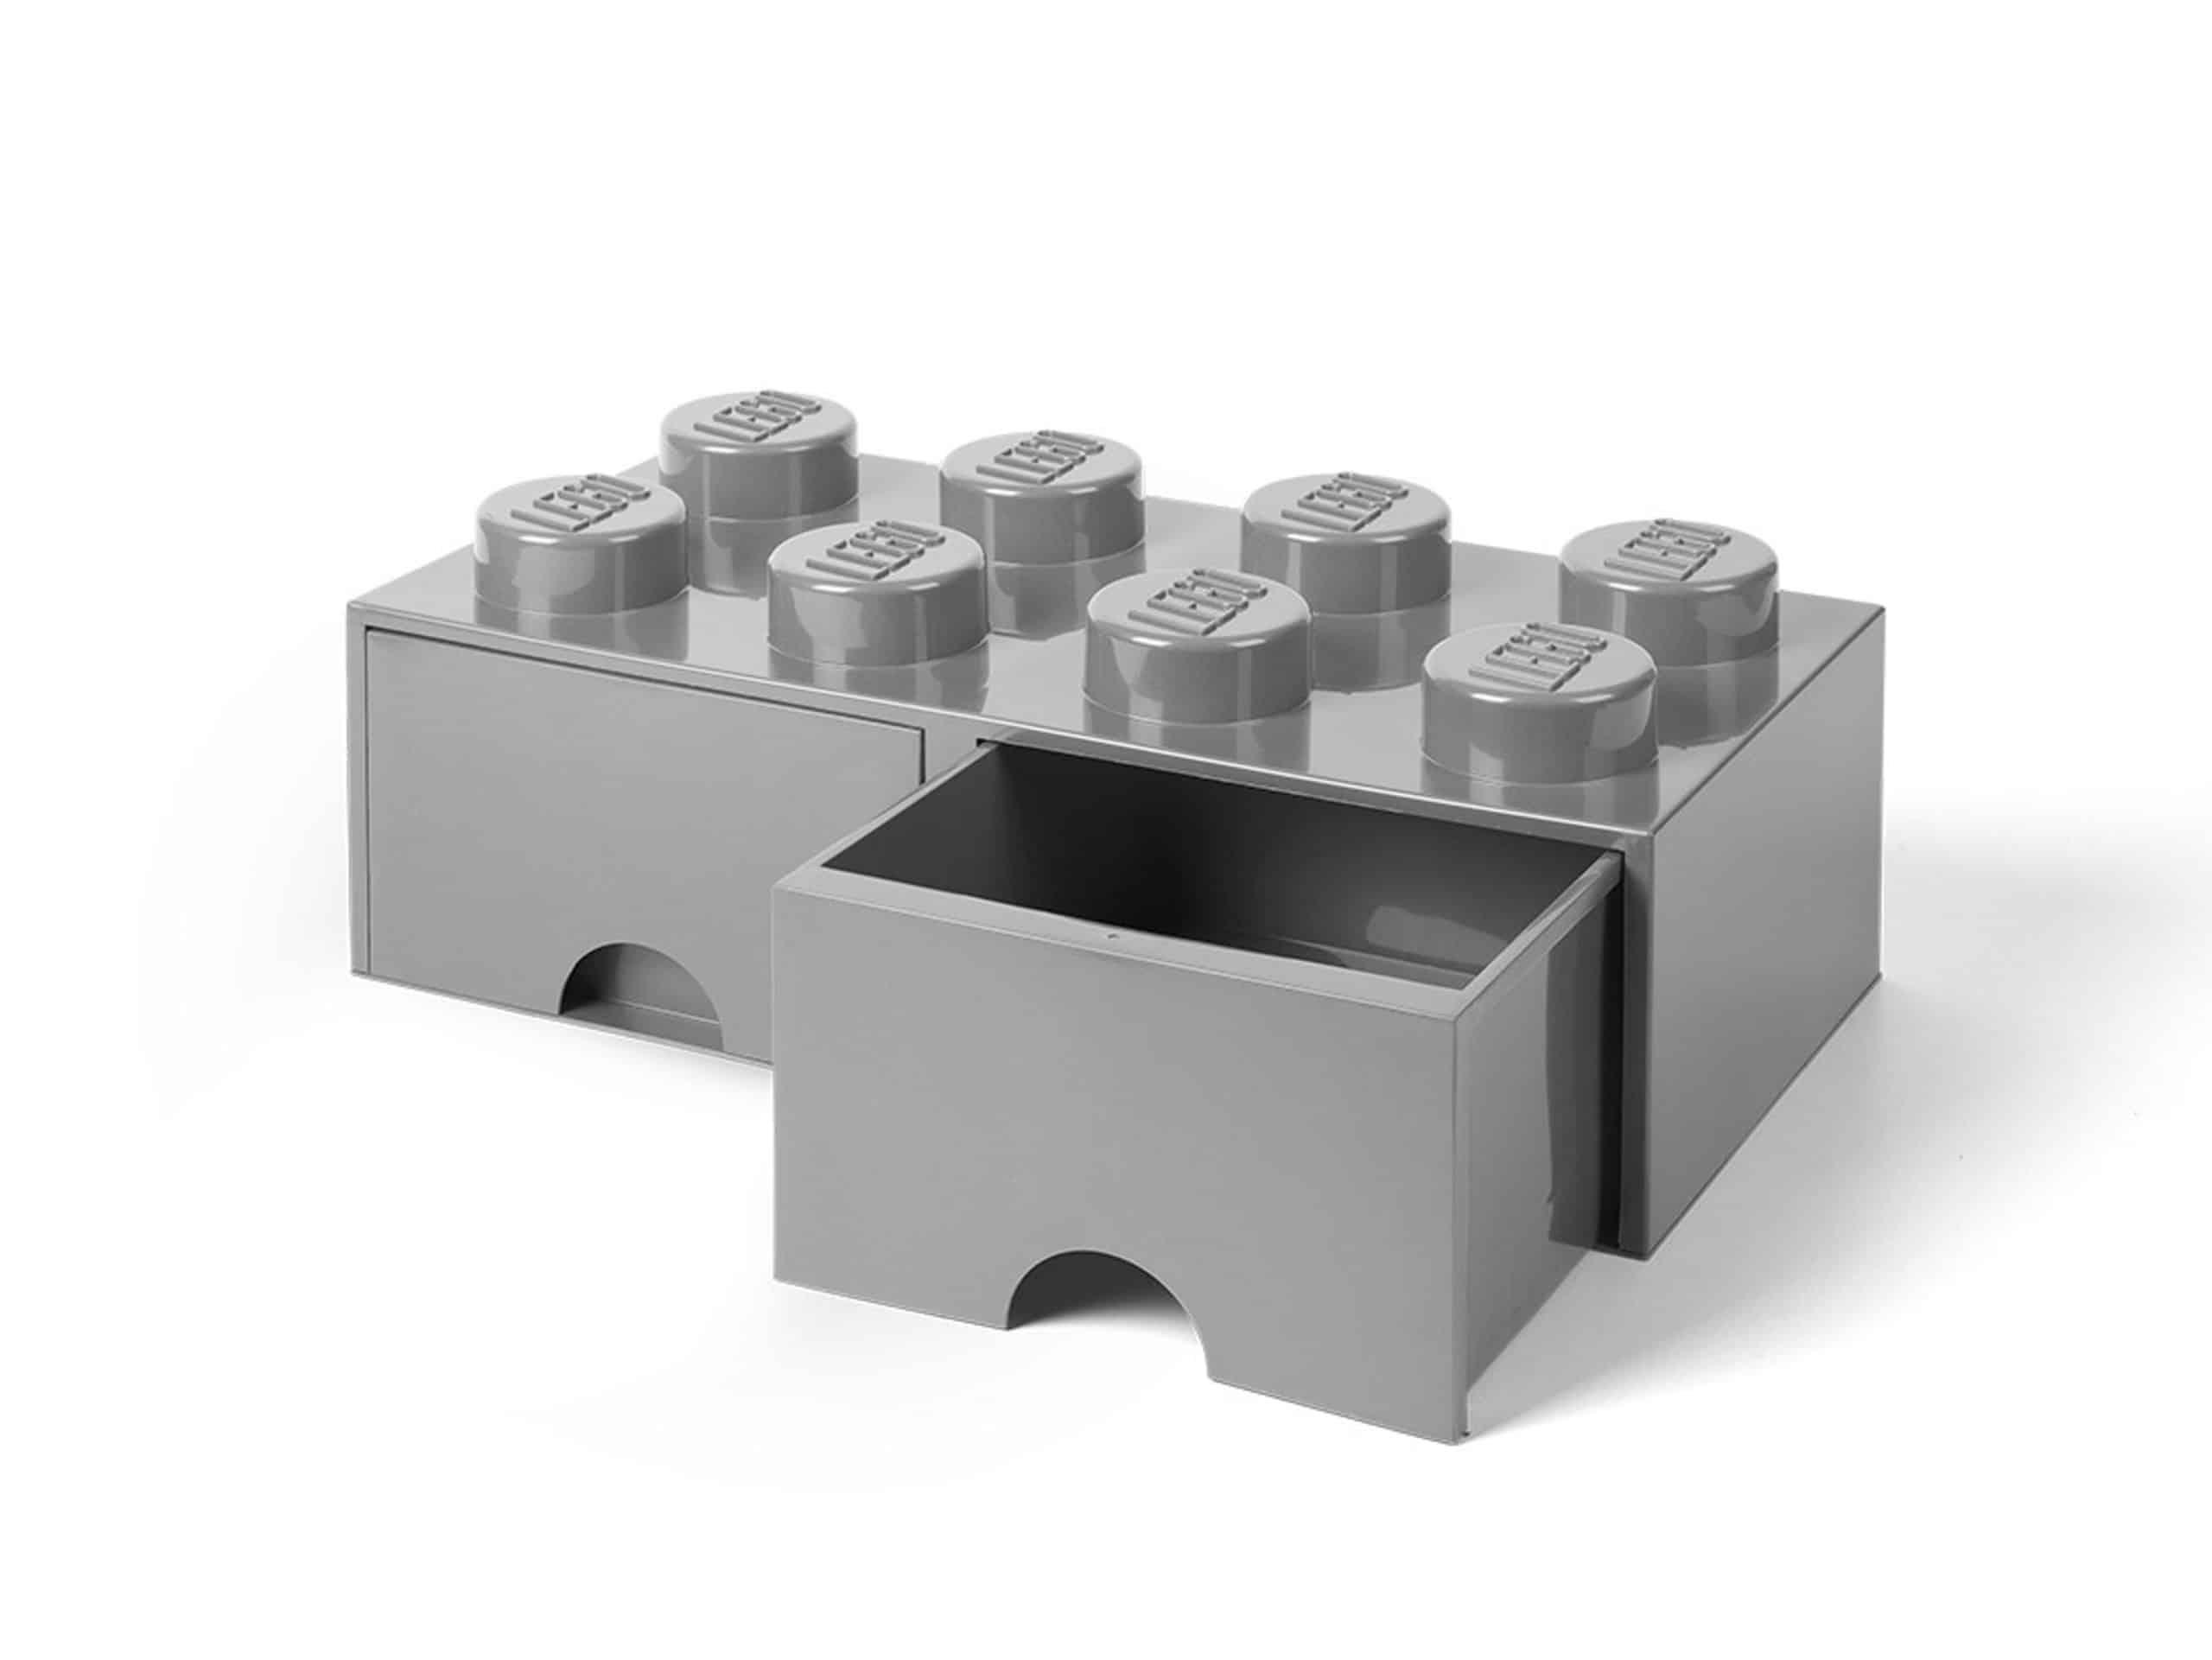 lego steengrijze opslagsteen met 8 noppen en 2 lades 5005720 scaled